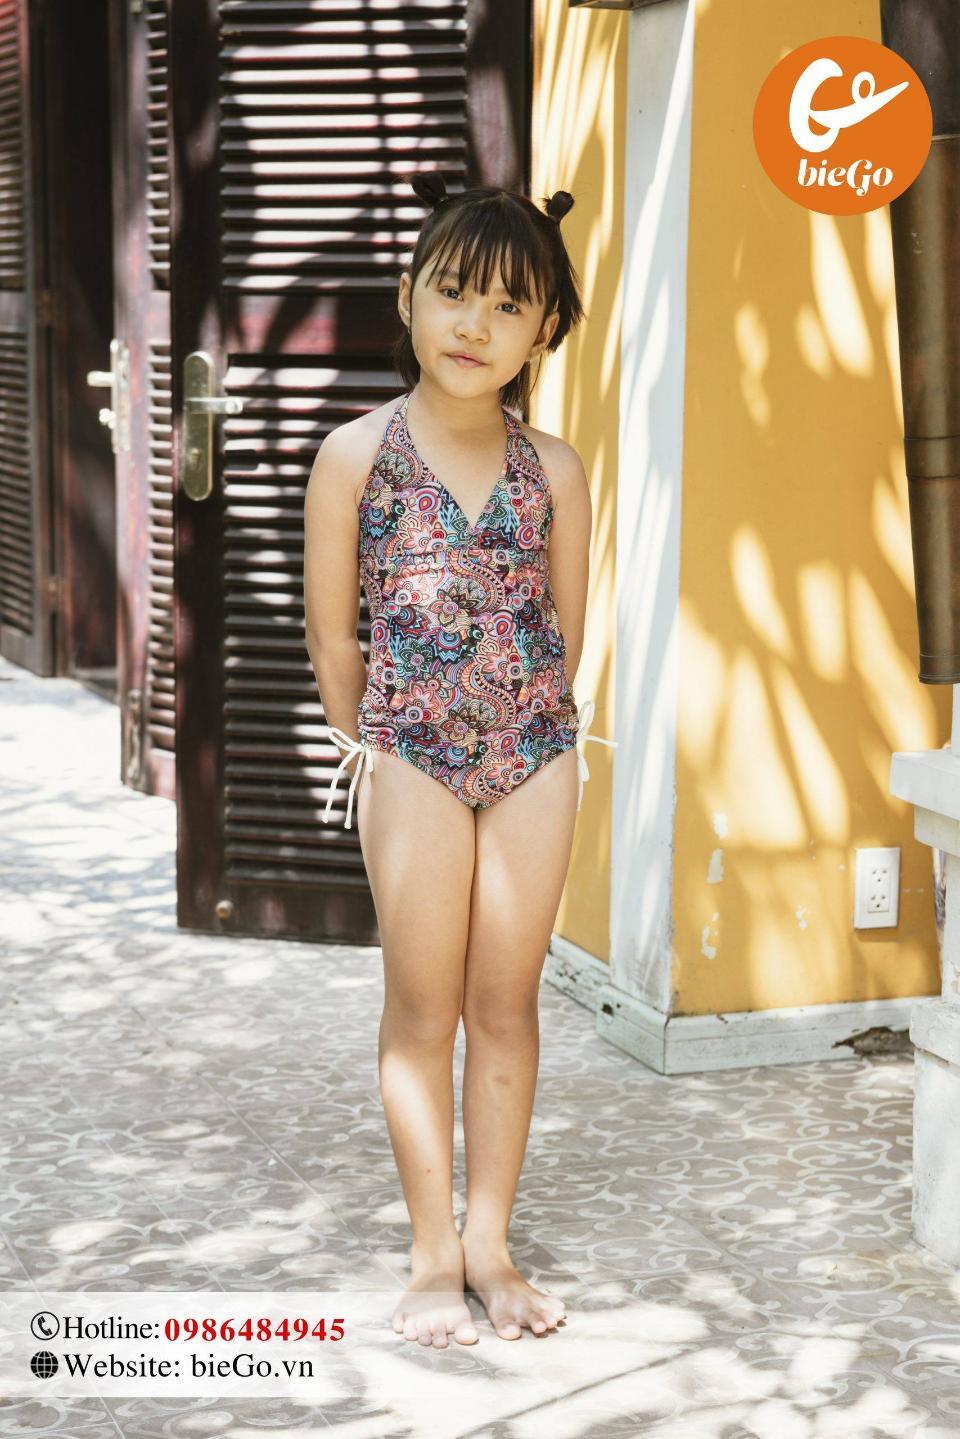 Mua đồ bơi cho bé giá bao nhiêu thì phù hợp?